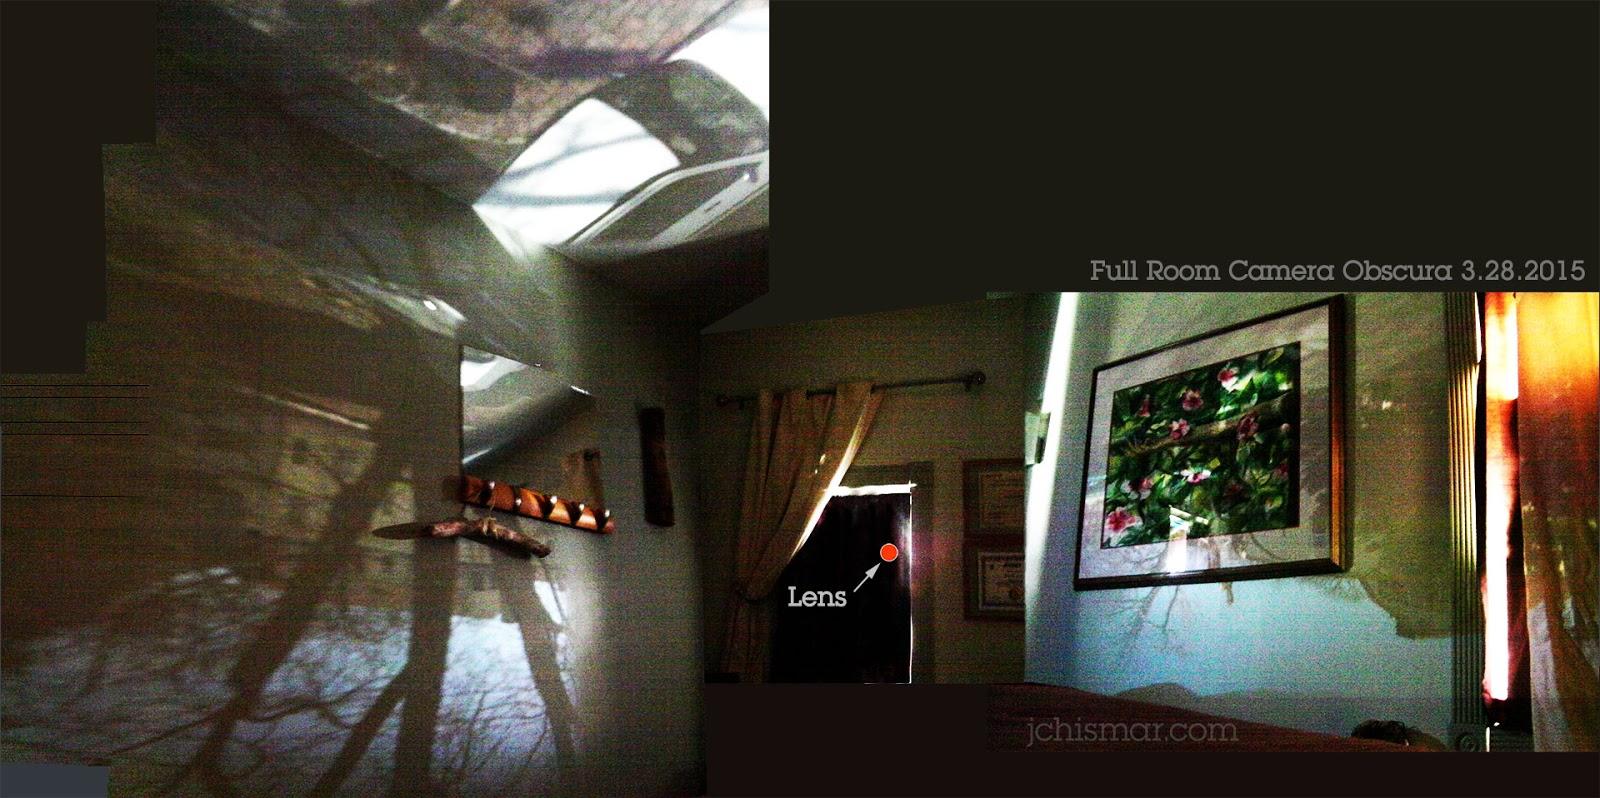 full room camera obscura